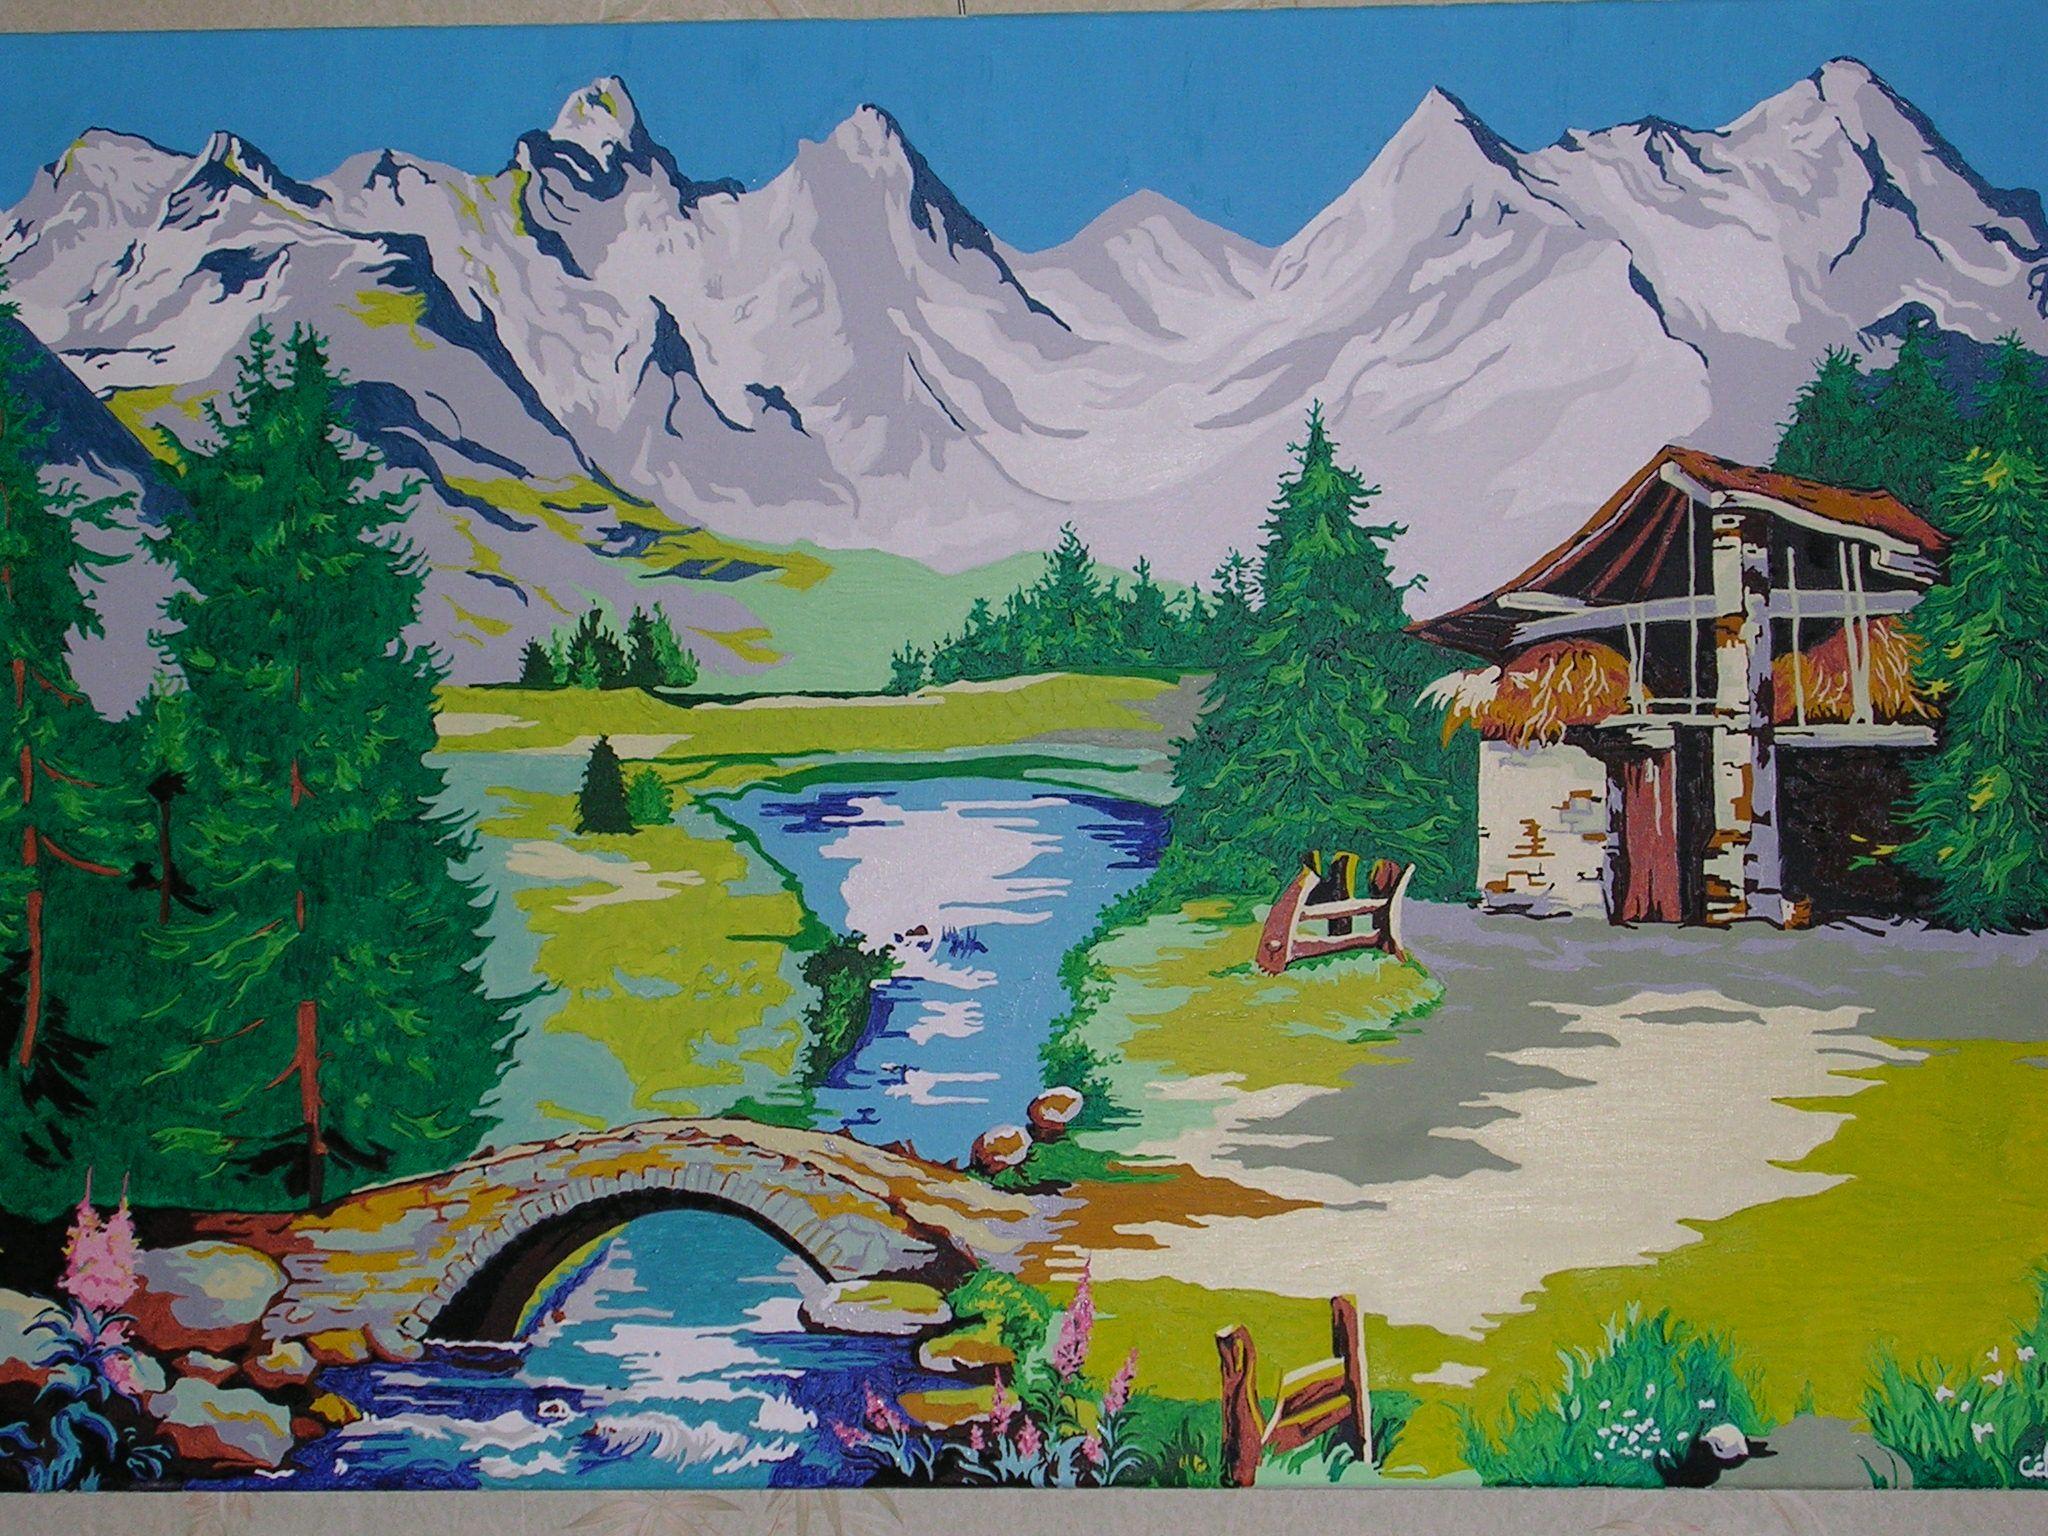 Nature scenery paysage de montagne en peinture for Paysage peinture